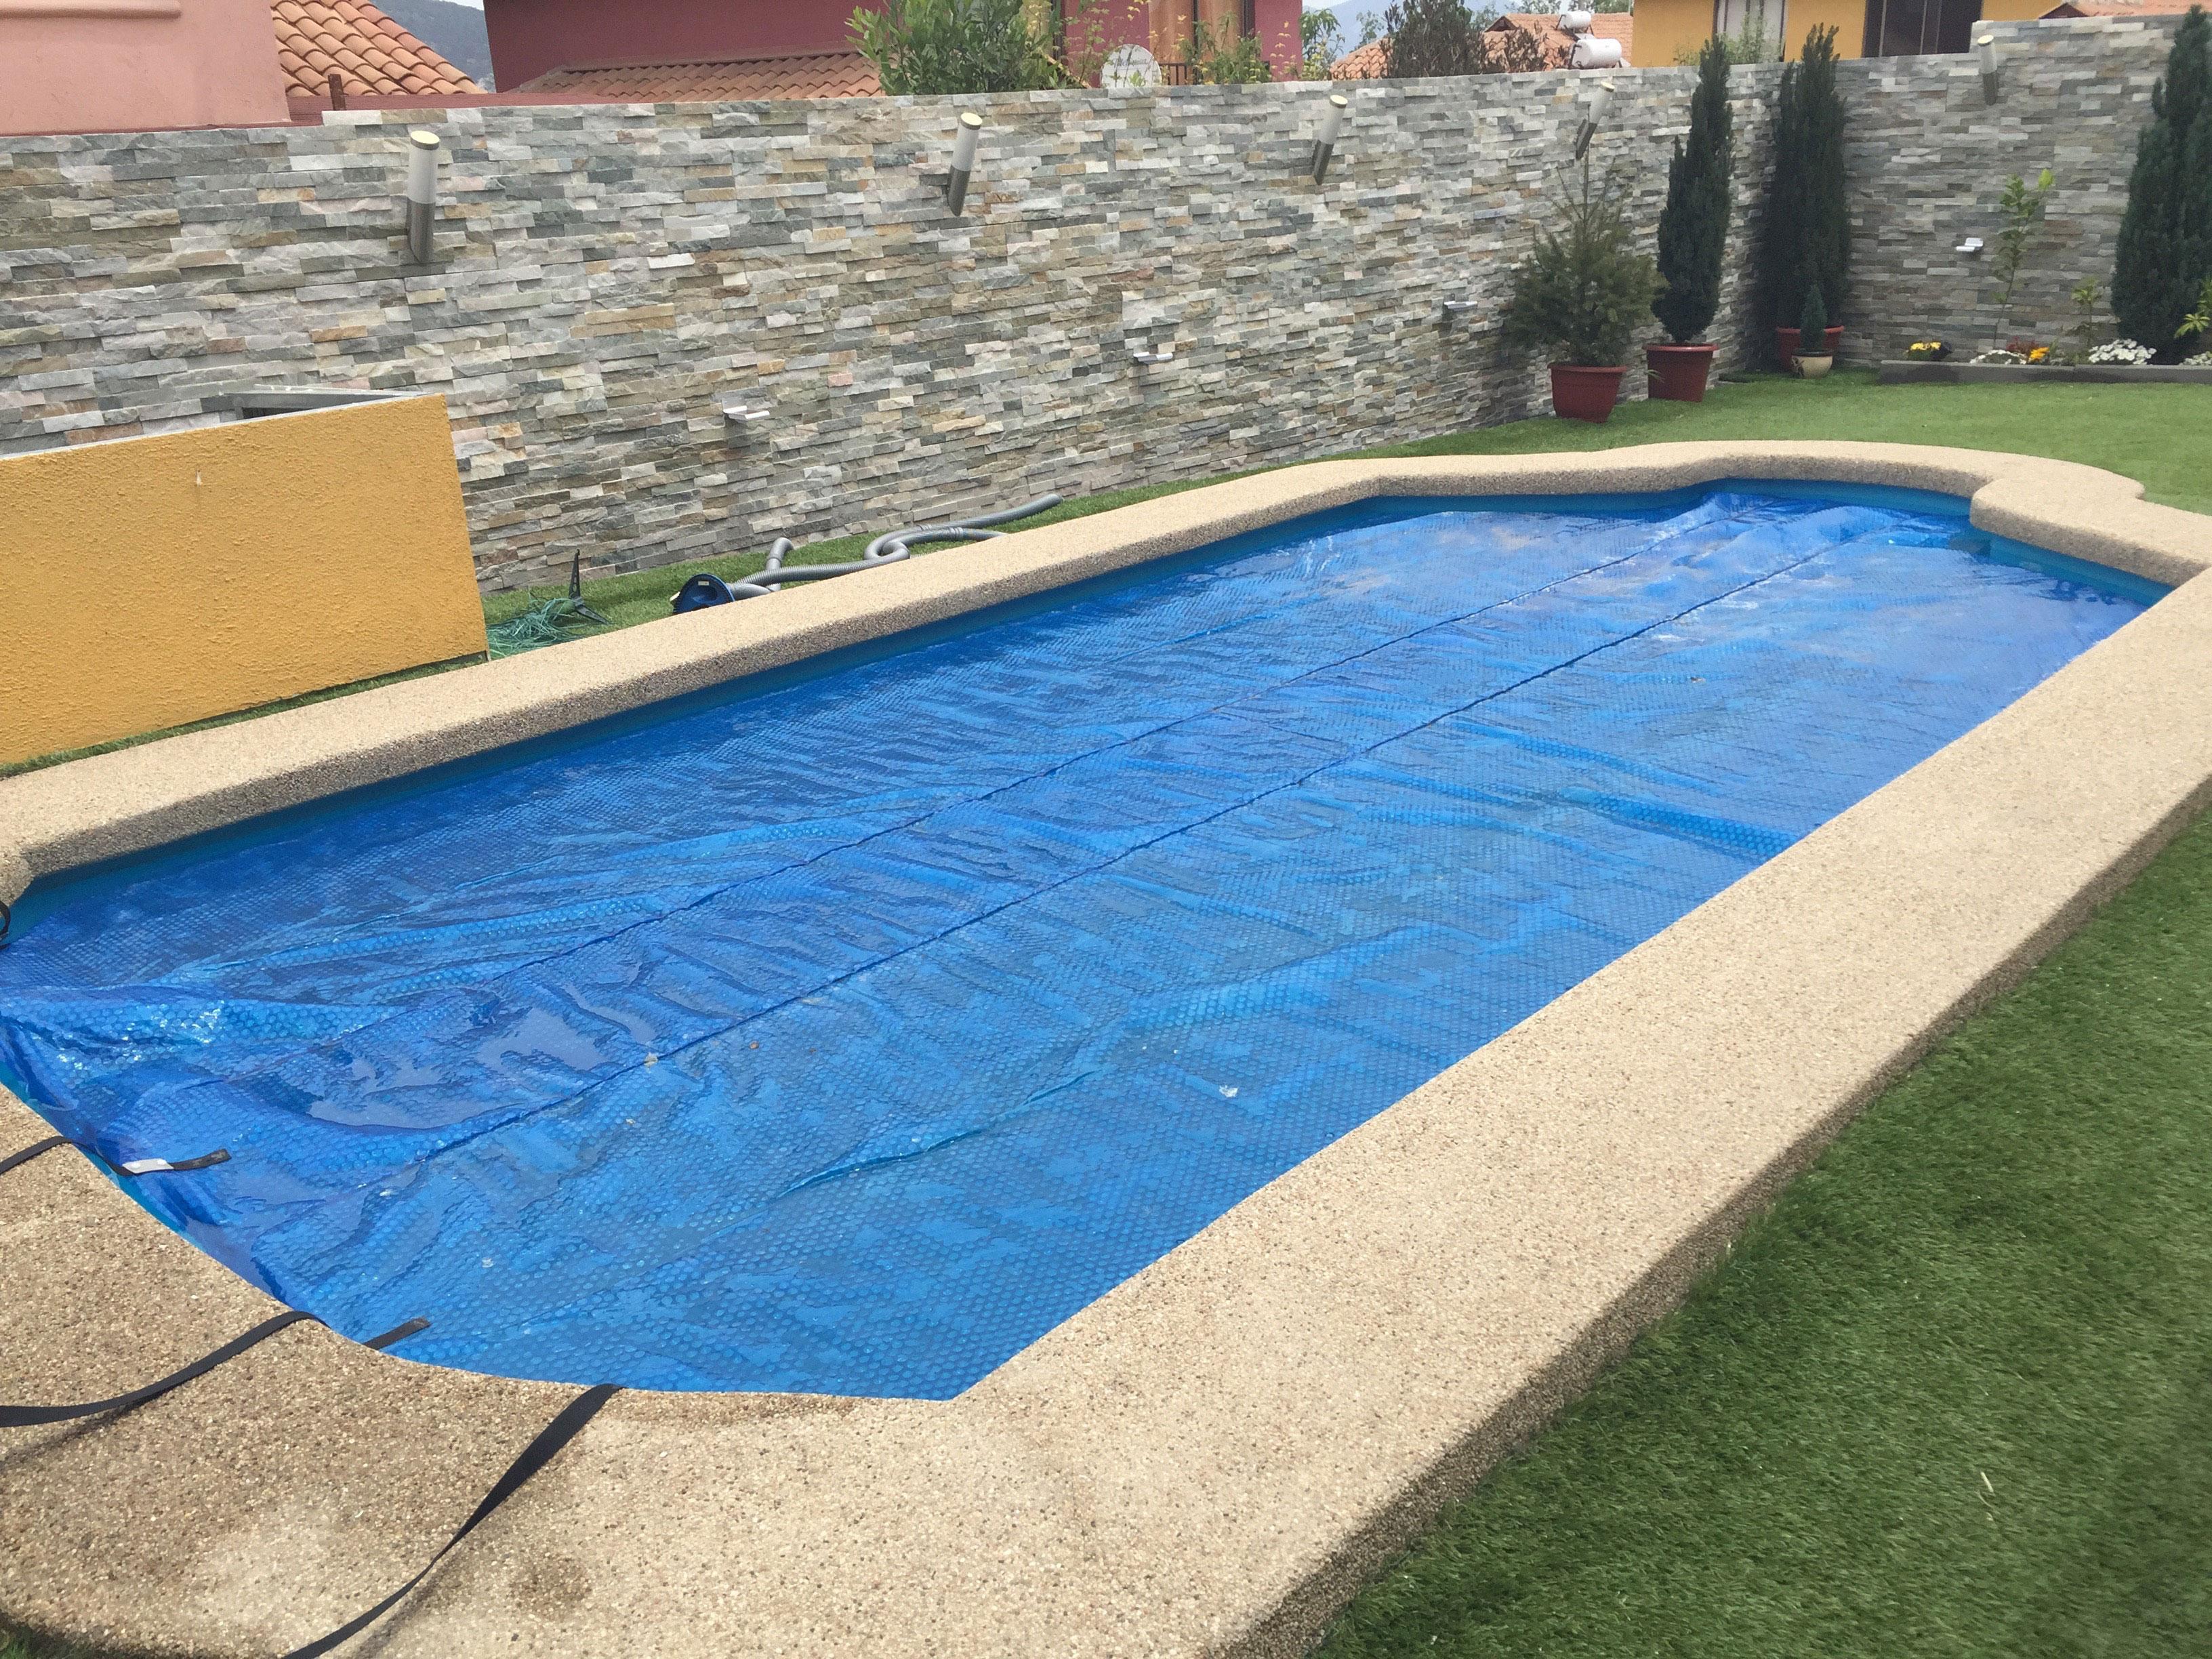 Precios de piscinas de fibra awesome piscina enterrada de for Precio piscina prefabricada enterrada